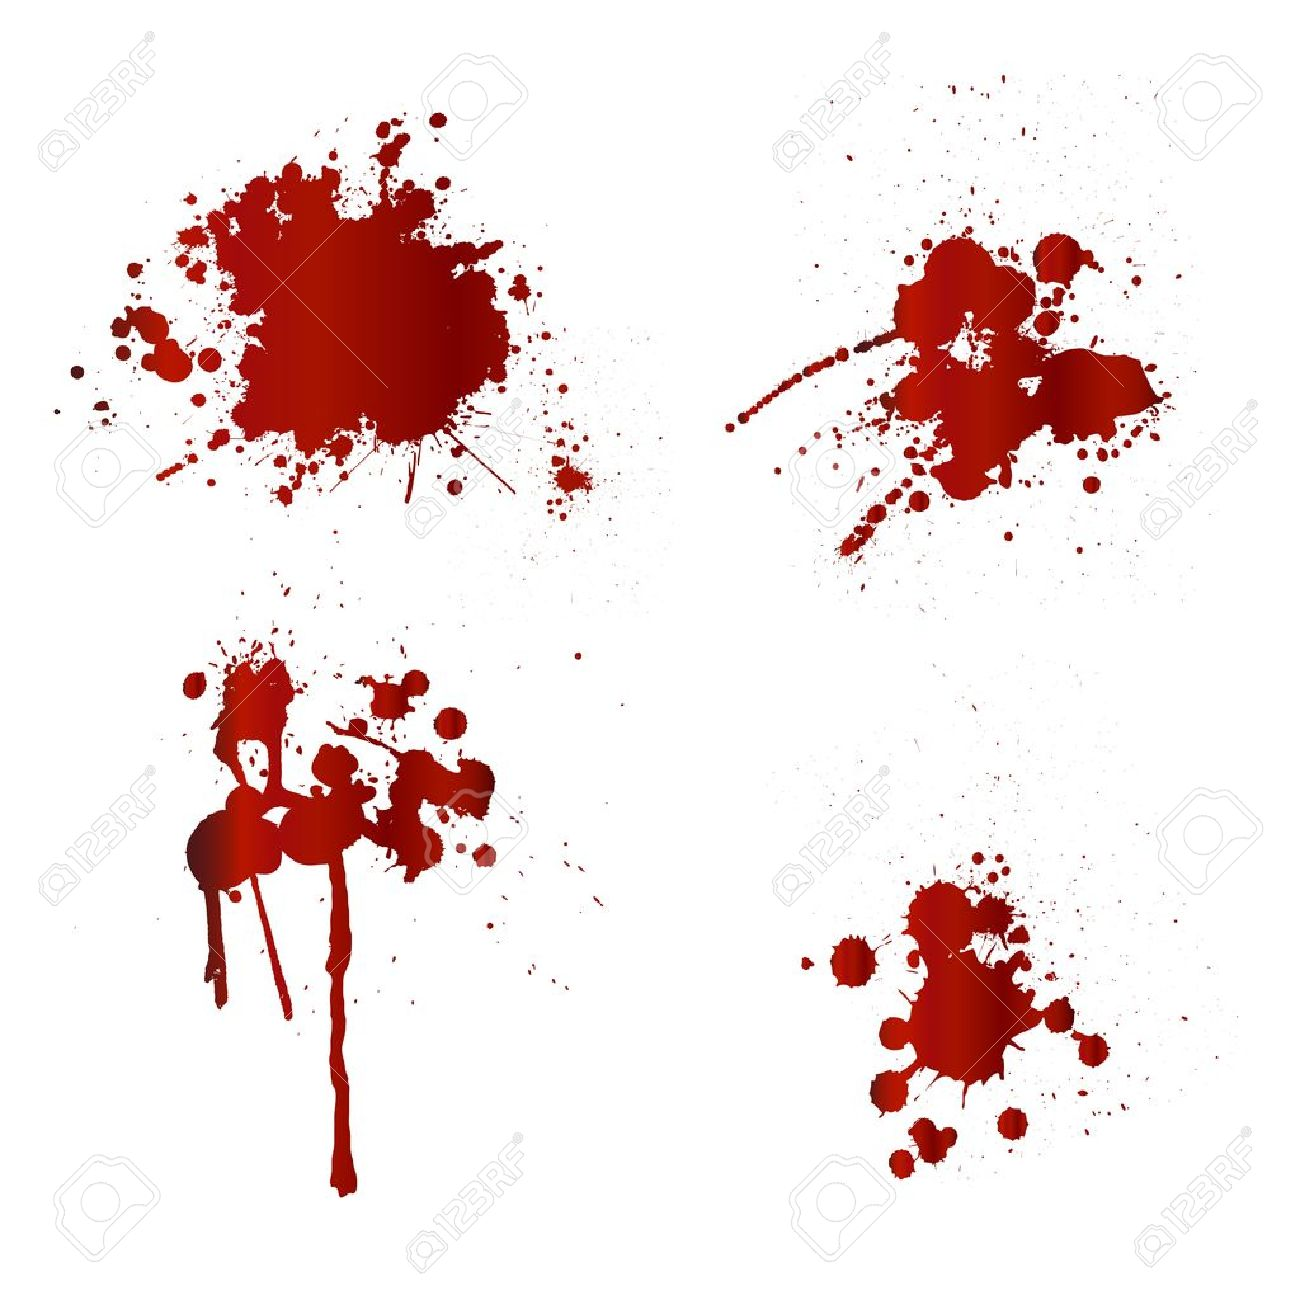 血しぶきのイラスト素材ベクタ Image 17302326